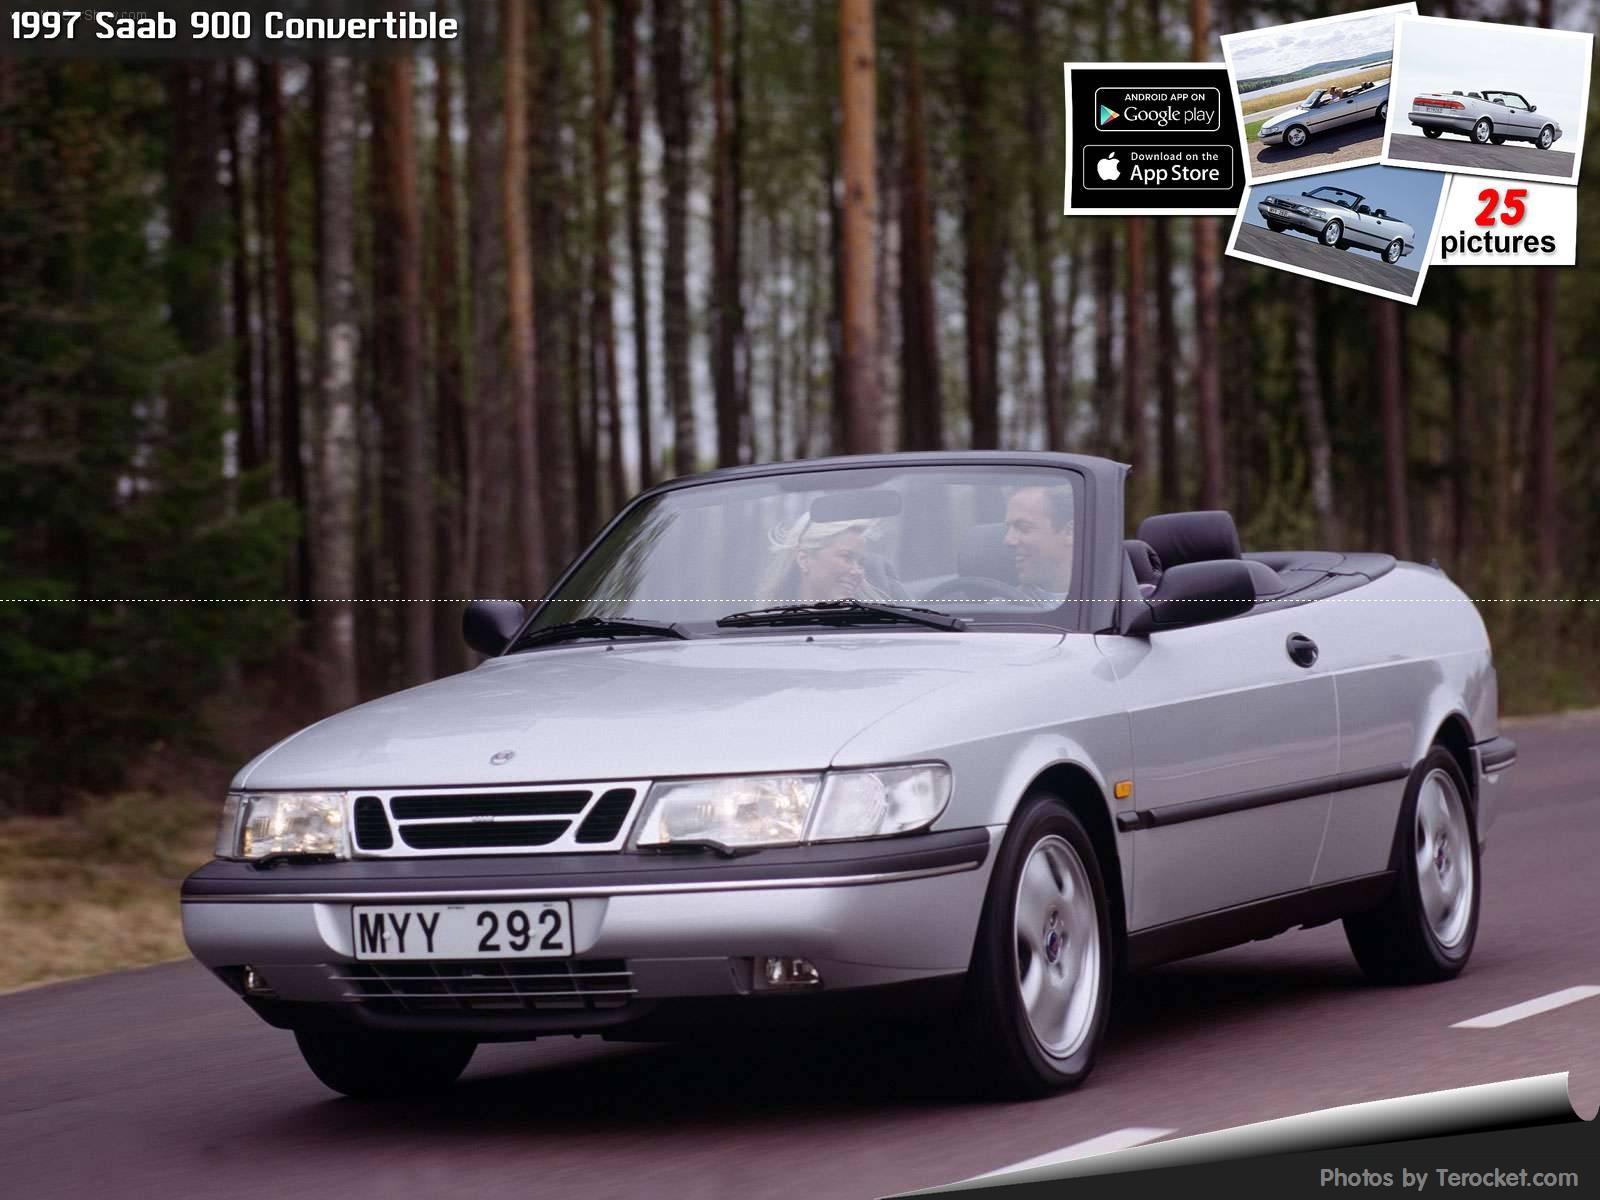 Hình ảnh xe ô tô Saab 900 Convertible 1997 & nội ngoại thất